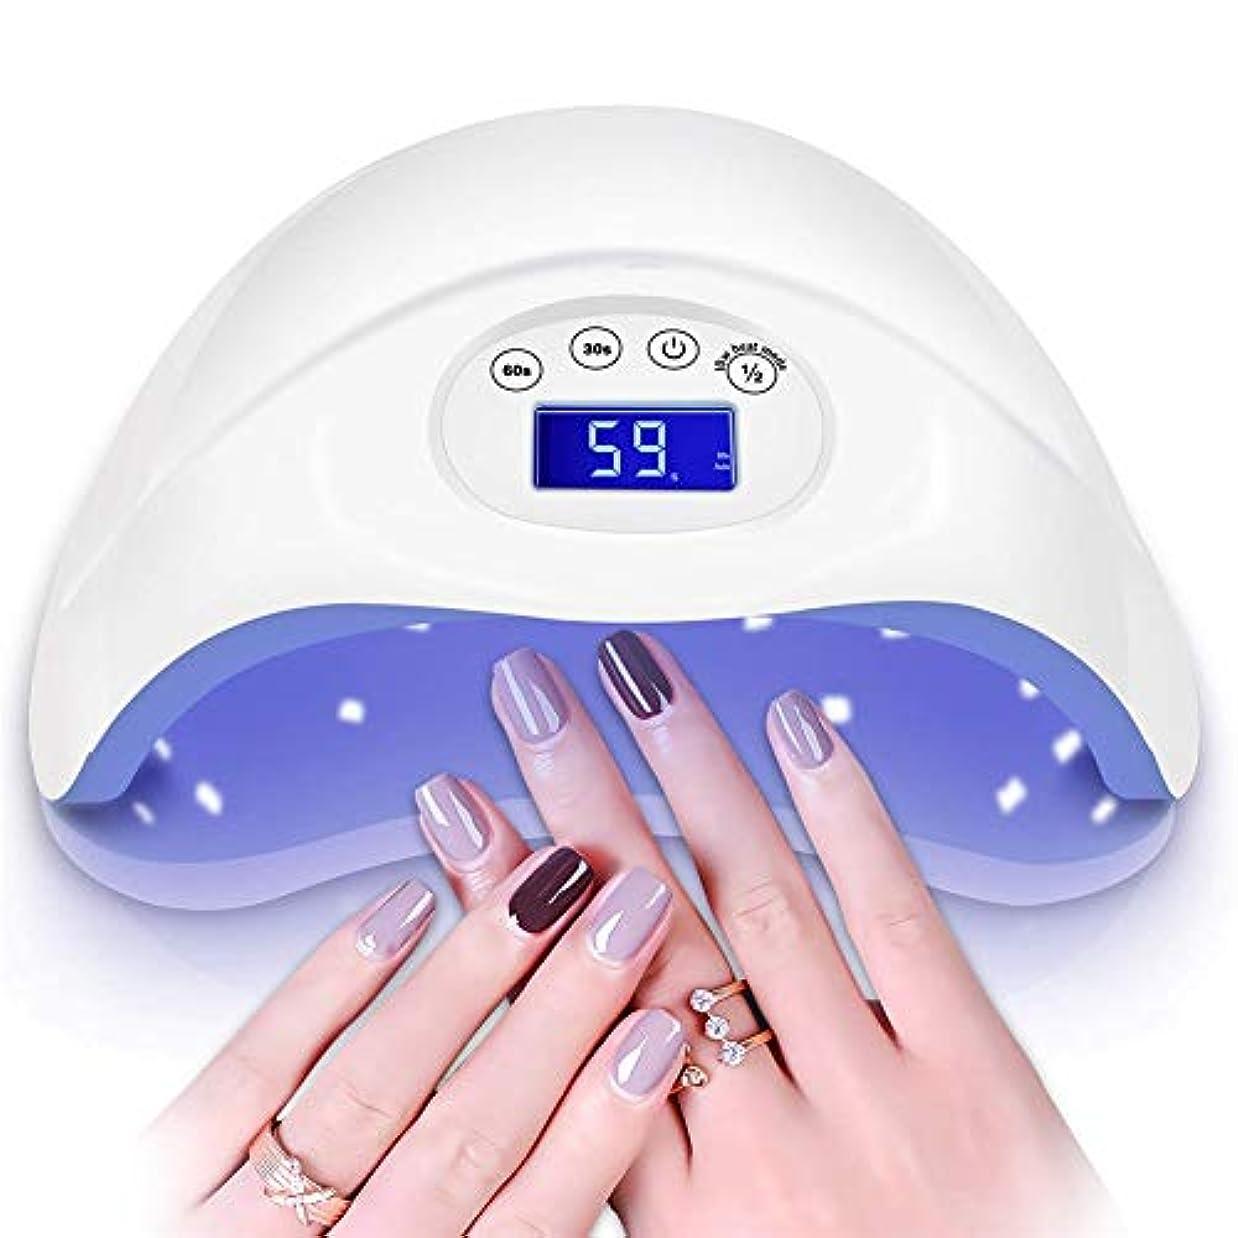 バレーボール雪だるま剥ぎ取る48W UVネイルランプ、自動センサーと爪または足の爪用のスイッチを備えたネイルドライヤー、ジェルネイル用のプロフェッショナルUVライト、サロンまたはネイル愛好家向けのタイマー設定